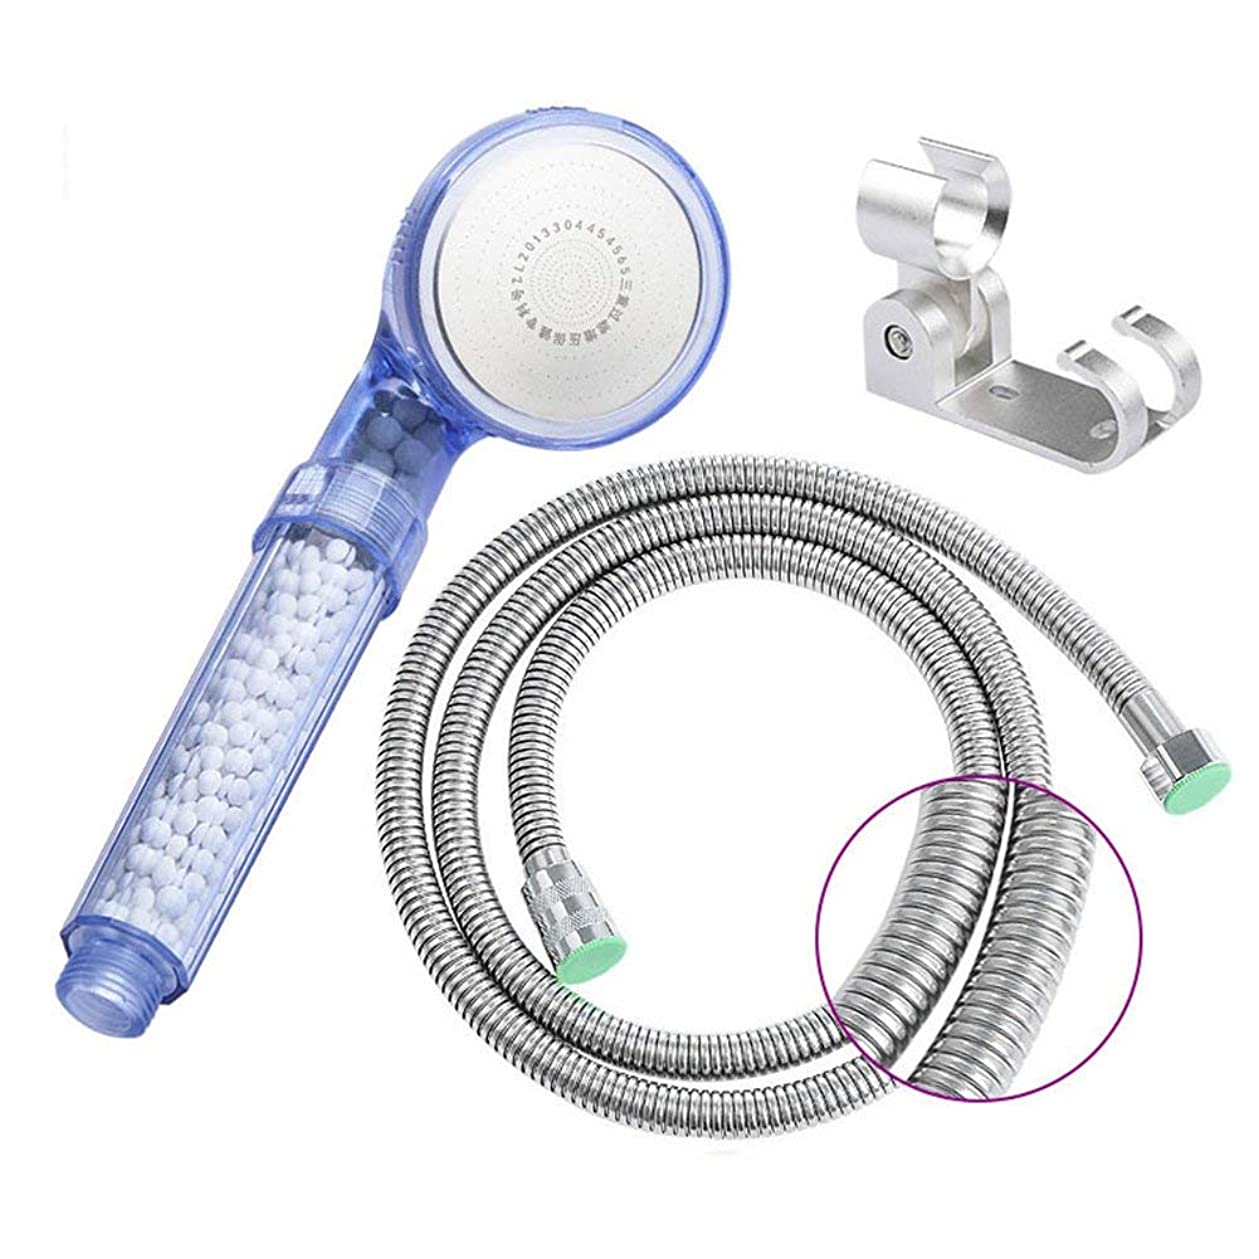 構築する固執士気実用的なハンドシャワー マイナスイオン第3ギア磁気療法シャワー加圧シャワーヘッド節水手持ち浴室シングルヘッドホースシャワーヘッド (Color : 4)